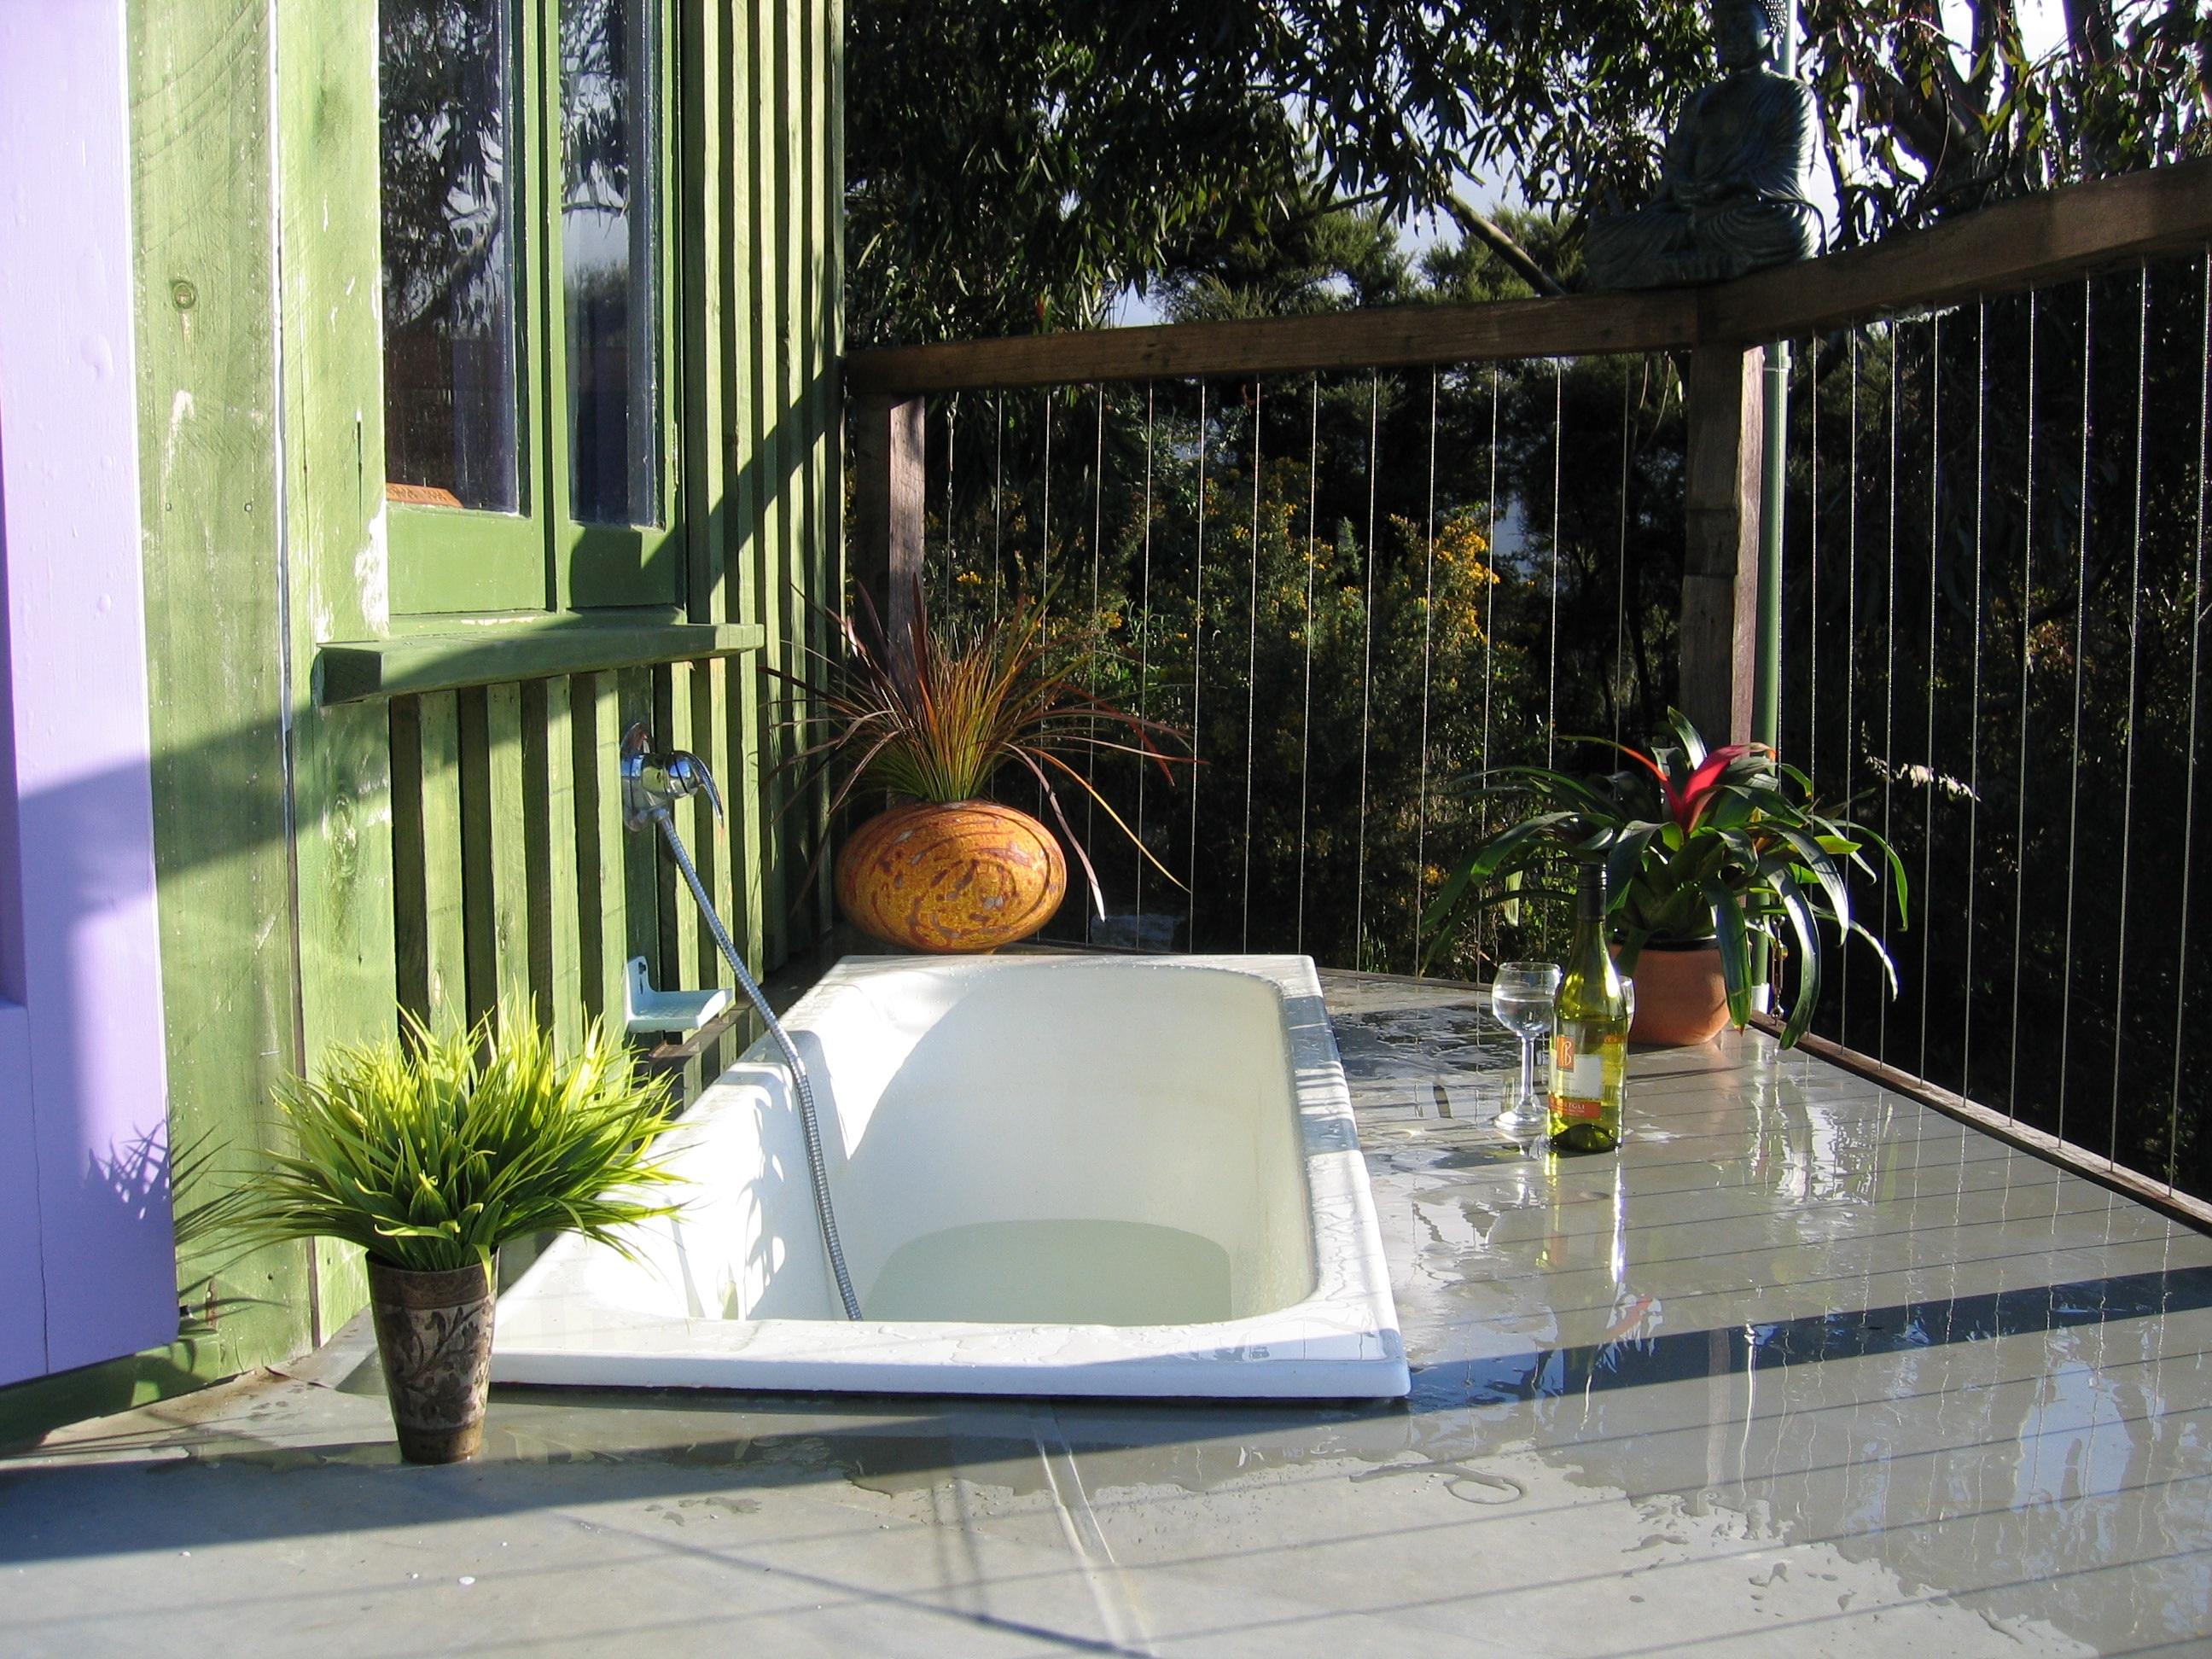 Fotos gratis agua al aire libre villa casa porche piscina patio interior propiedad - Ley propiedad horizontal patio interior ...